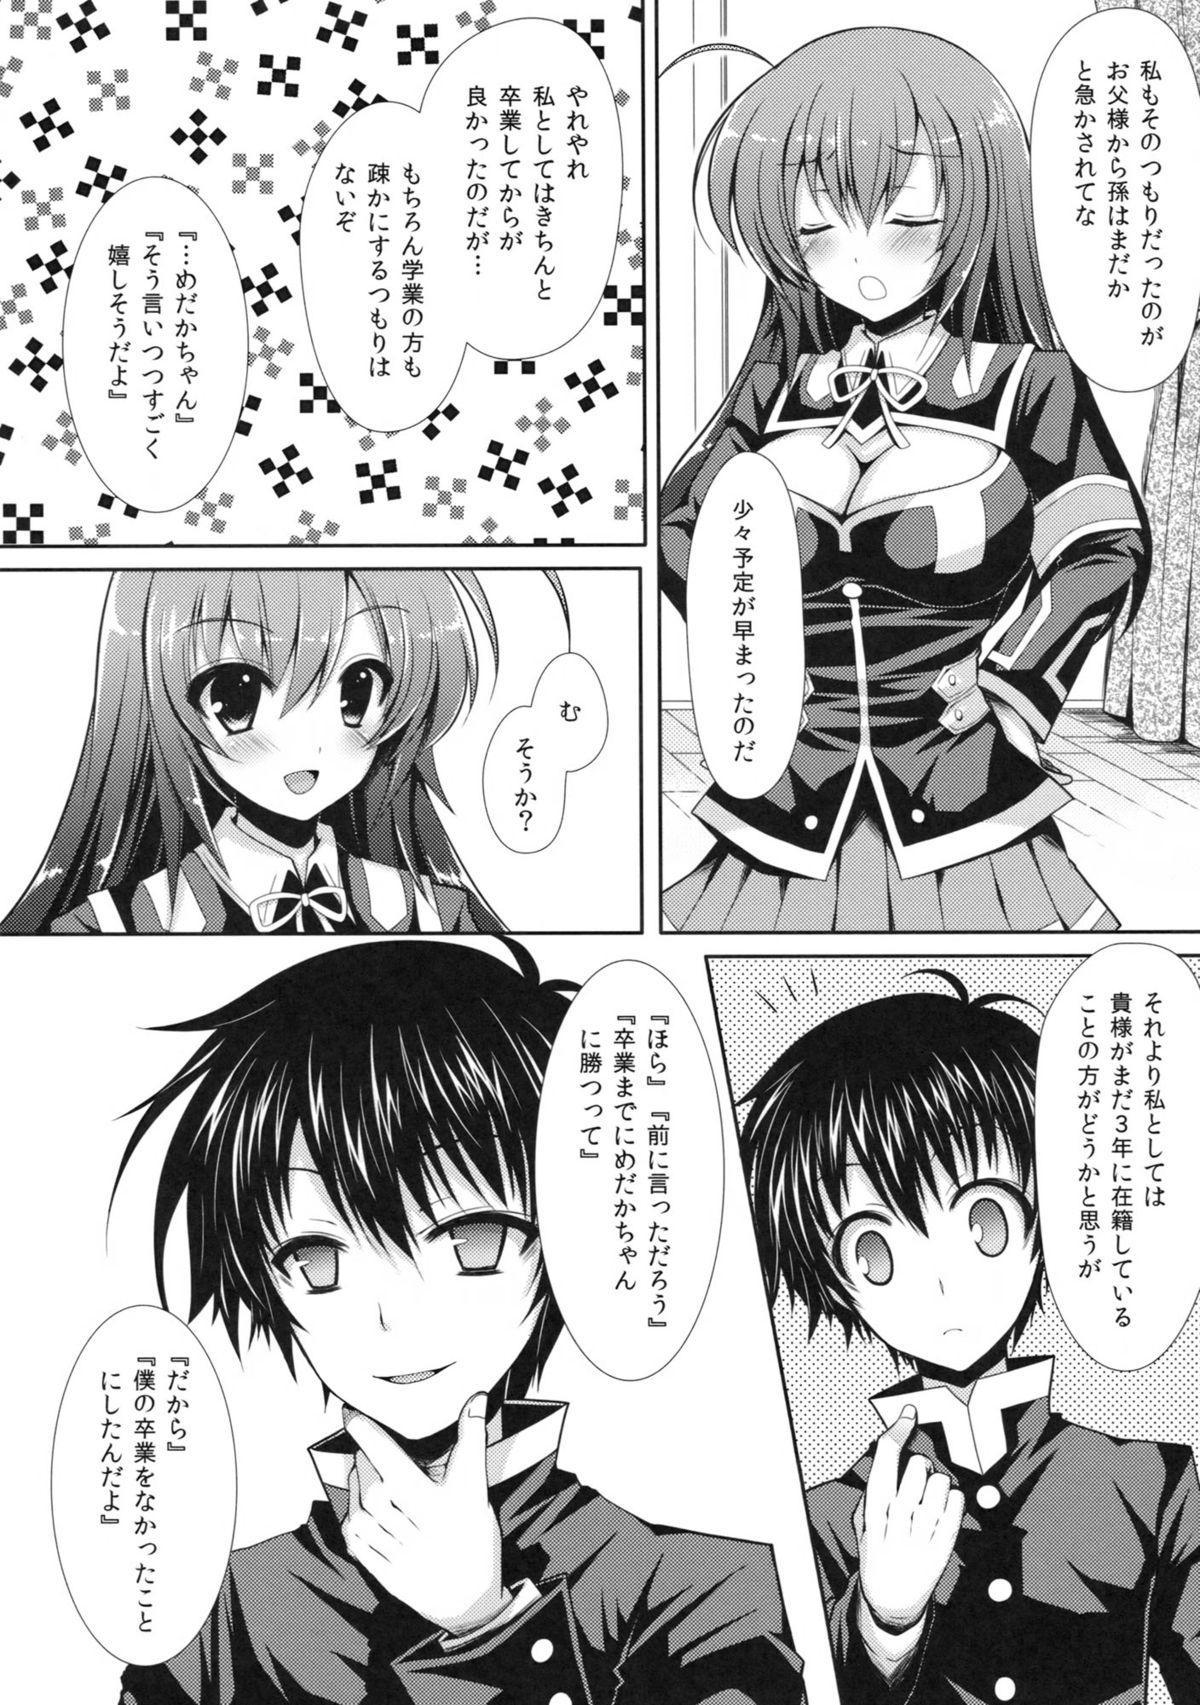 (C83) [Sugar*Berry*Syrup (Kuroe)] Shinkon Medaka-chan ga Kumagawa-kun ni NTR-reru Hon (Medaka Box) 4